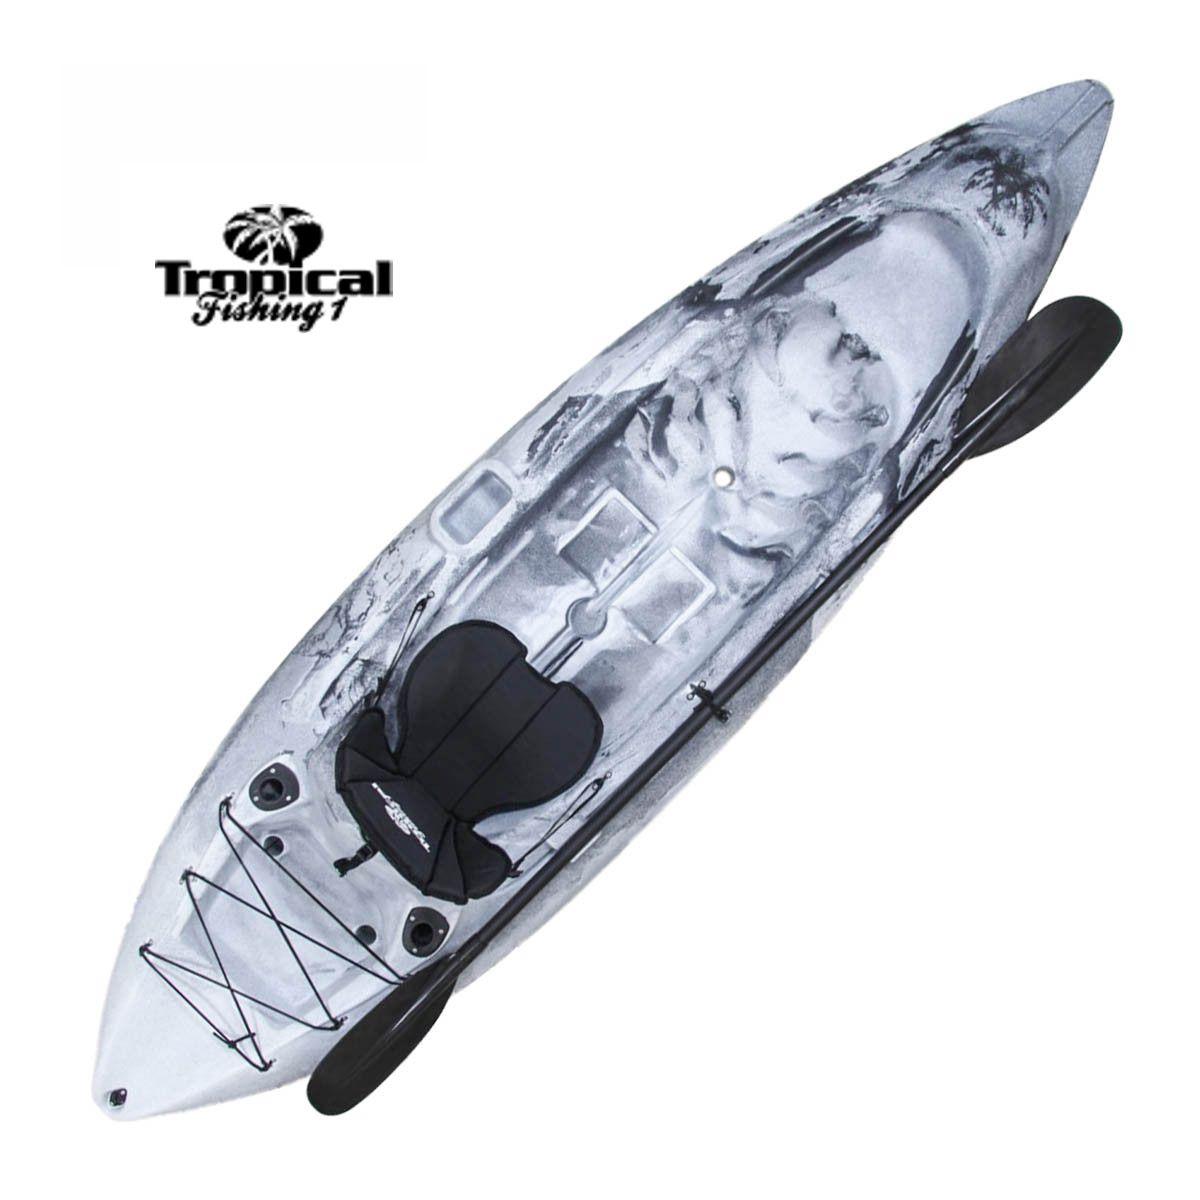 Caiaque Brudden Tropical Fishing - Bege com Preto